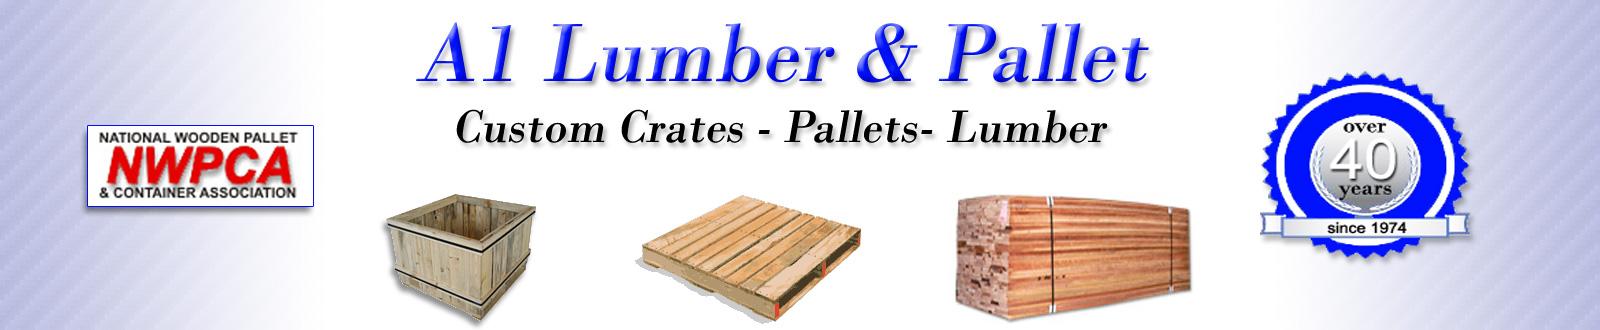 A1 Lumber & Pallet-Banner